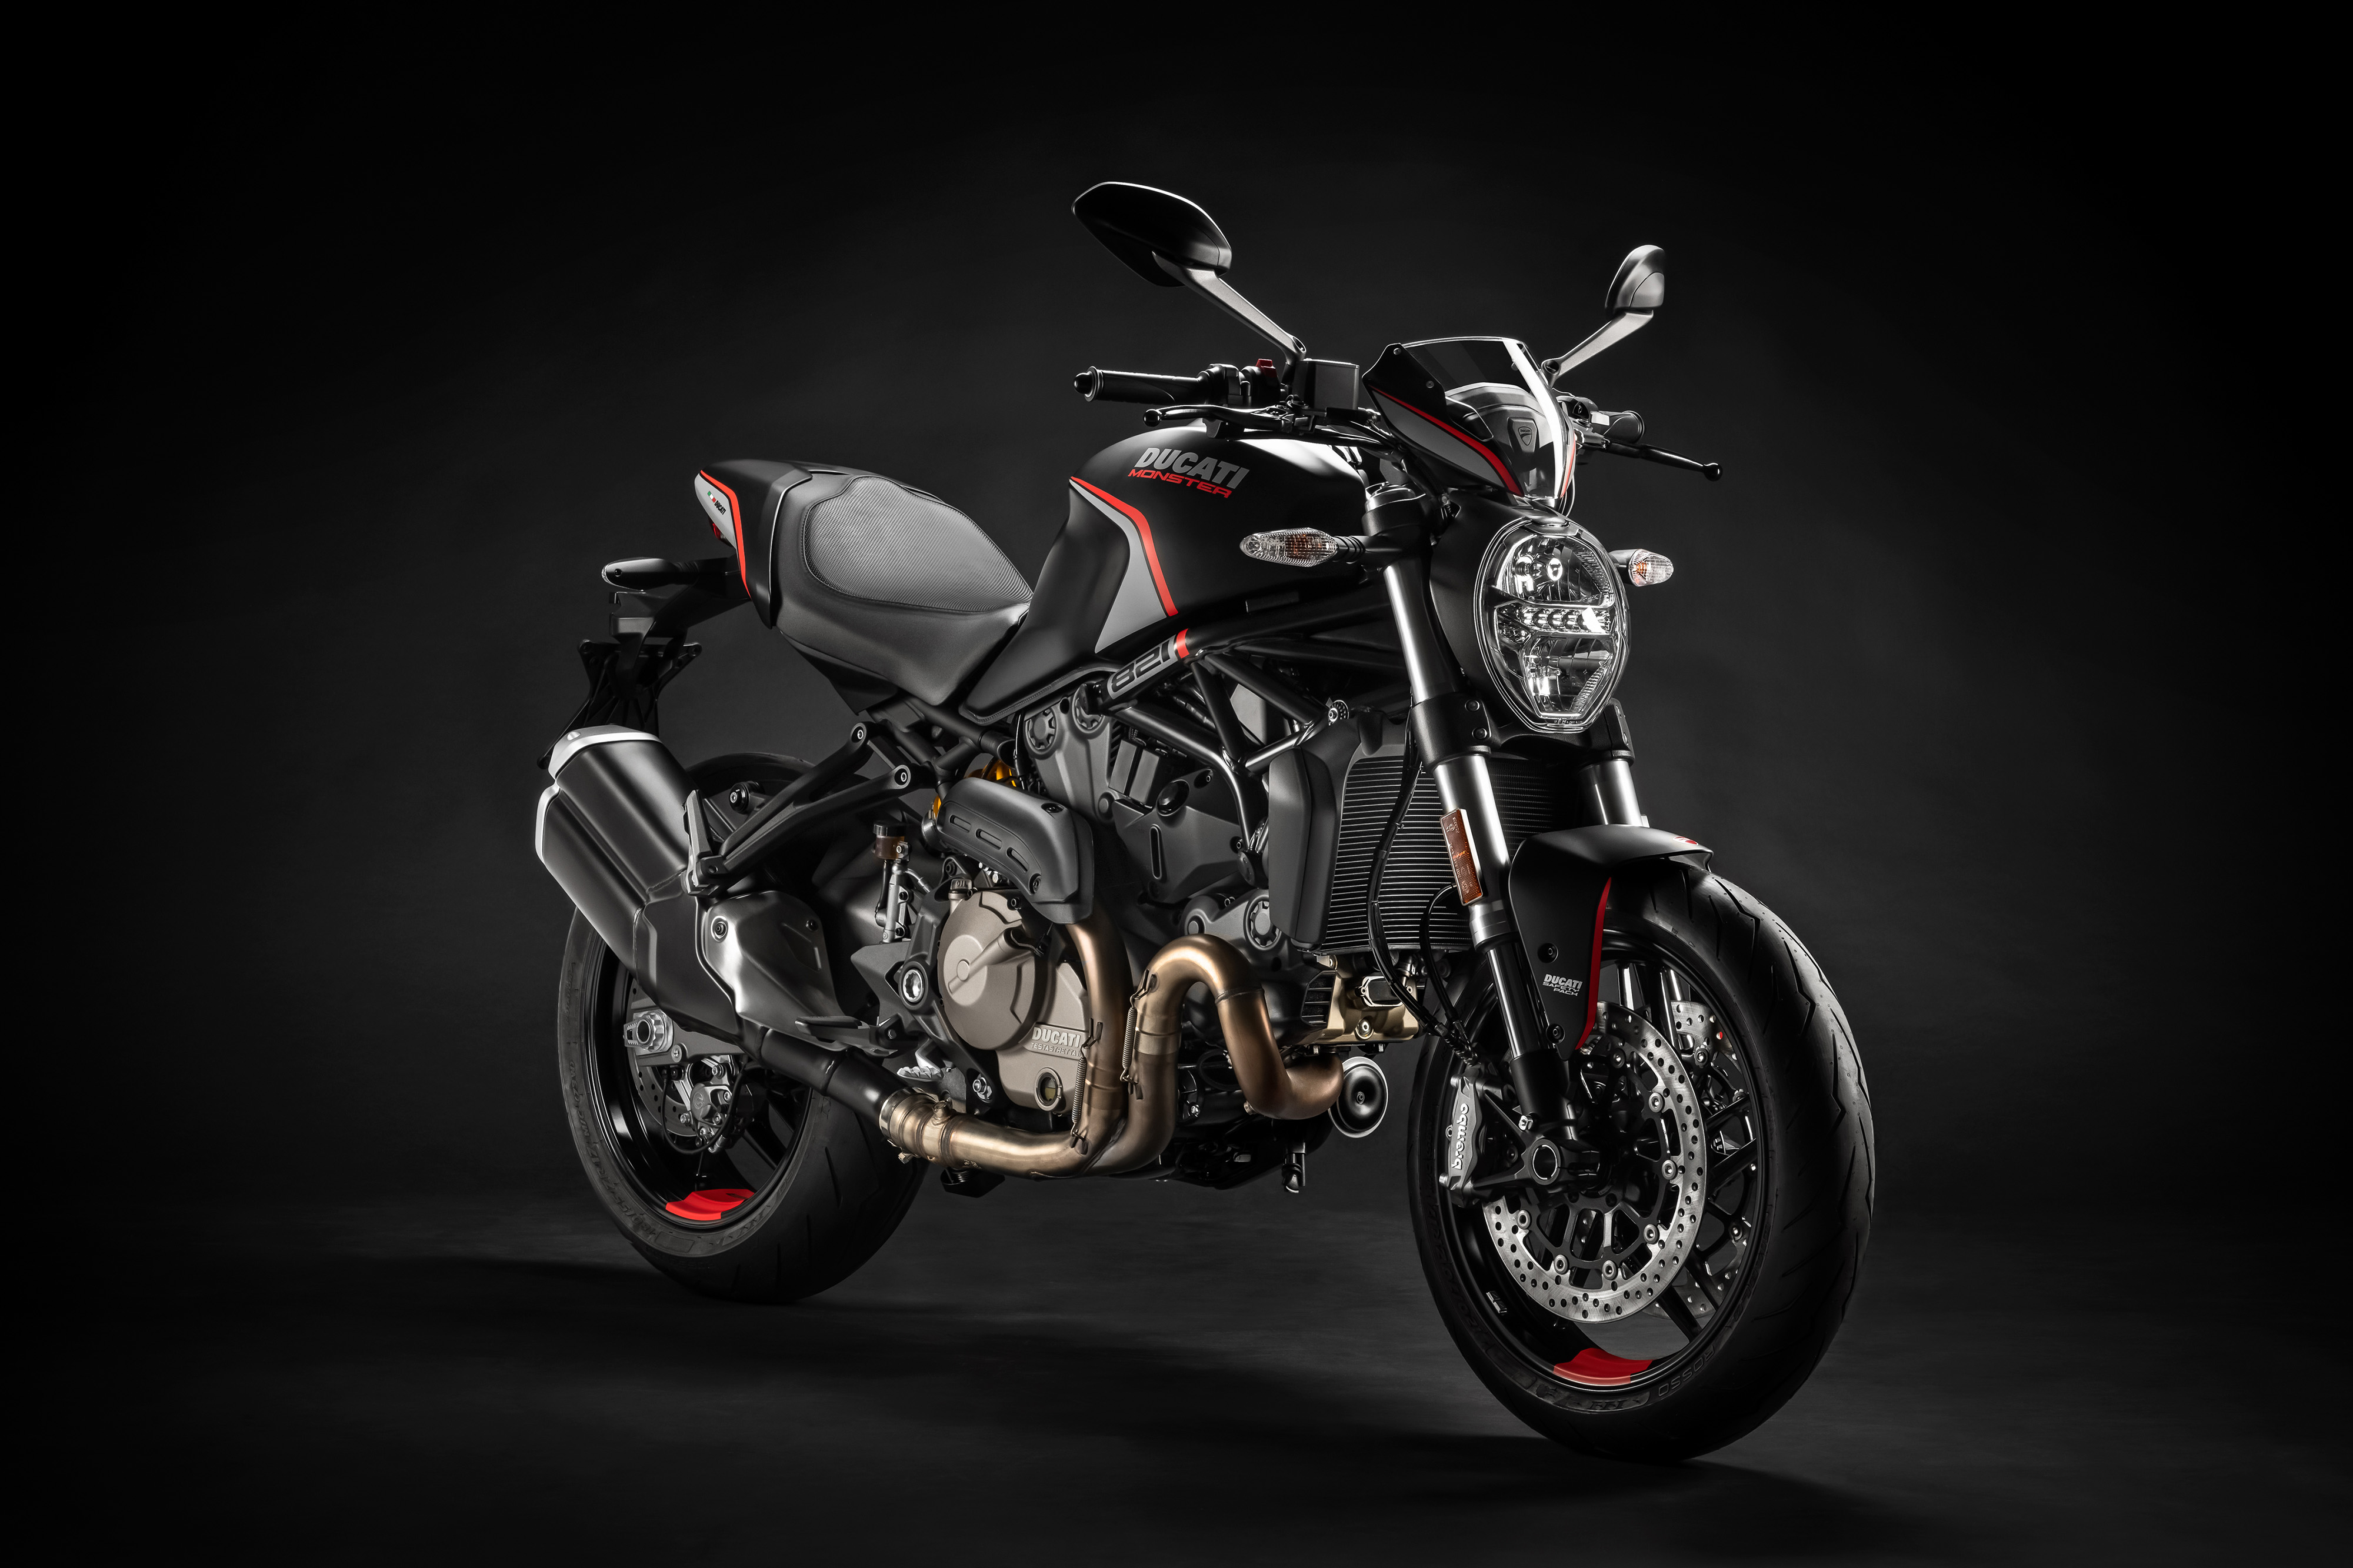 2019 Ducati Monster 821 Stealth